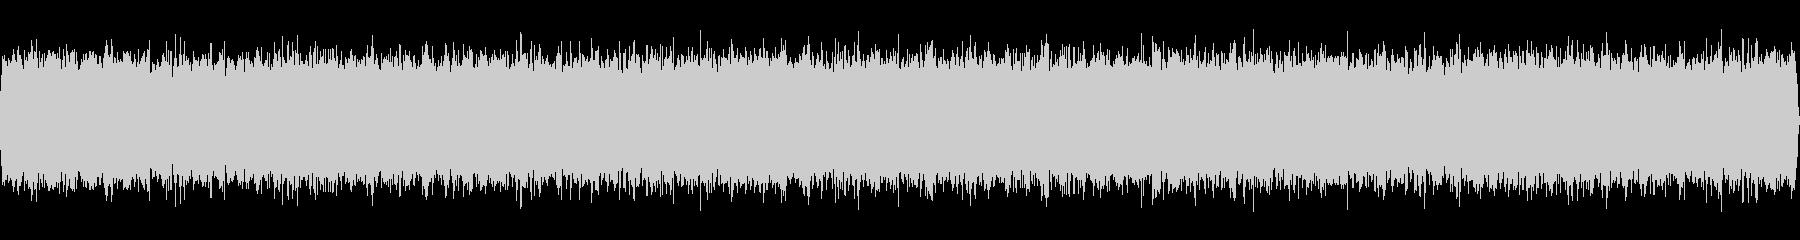 シンセアンビエント、環境音的に30分弱の未再生の波形